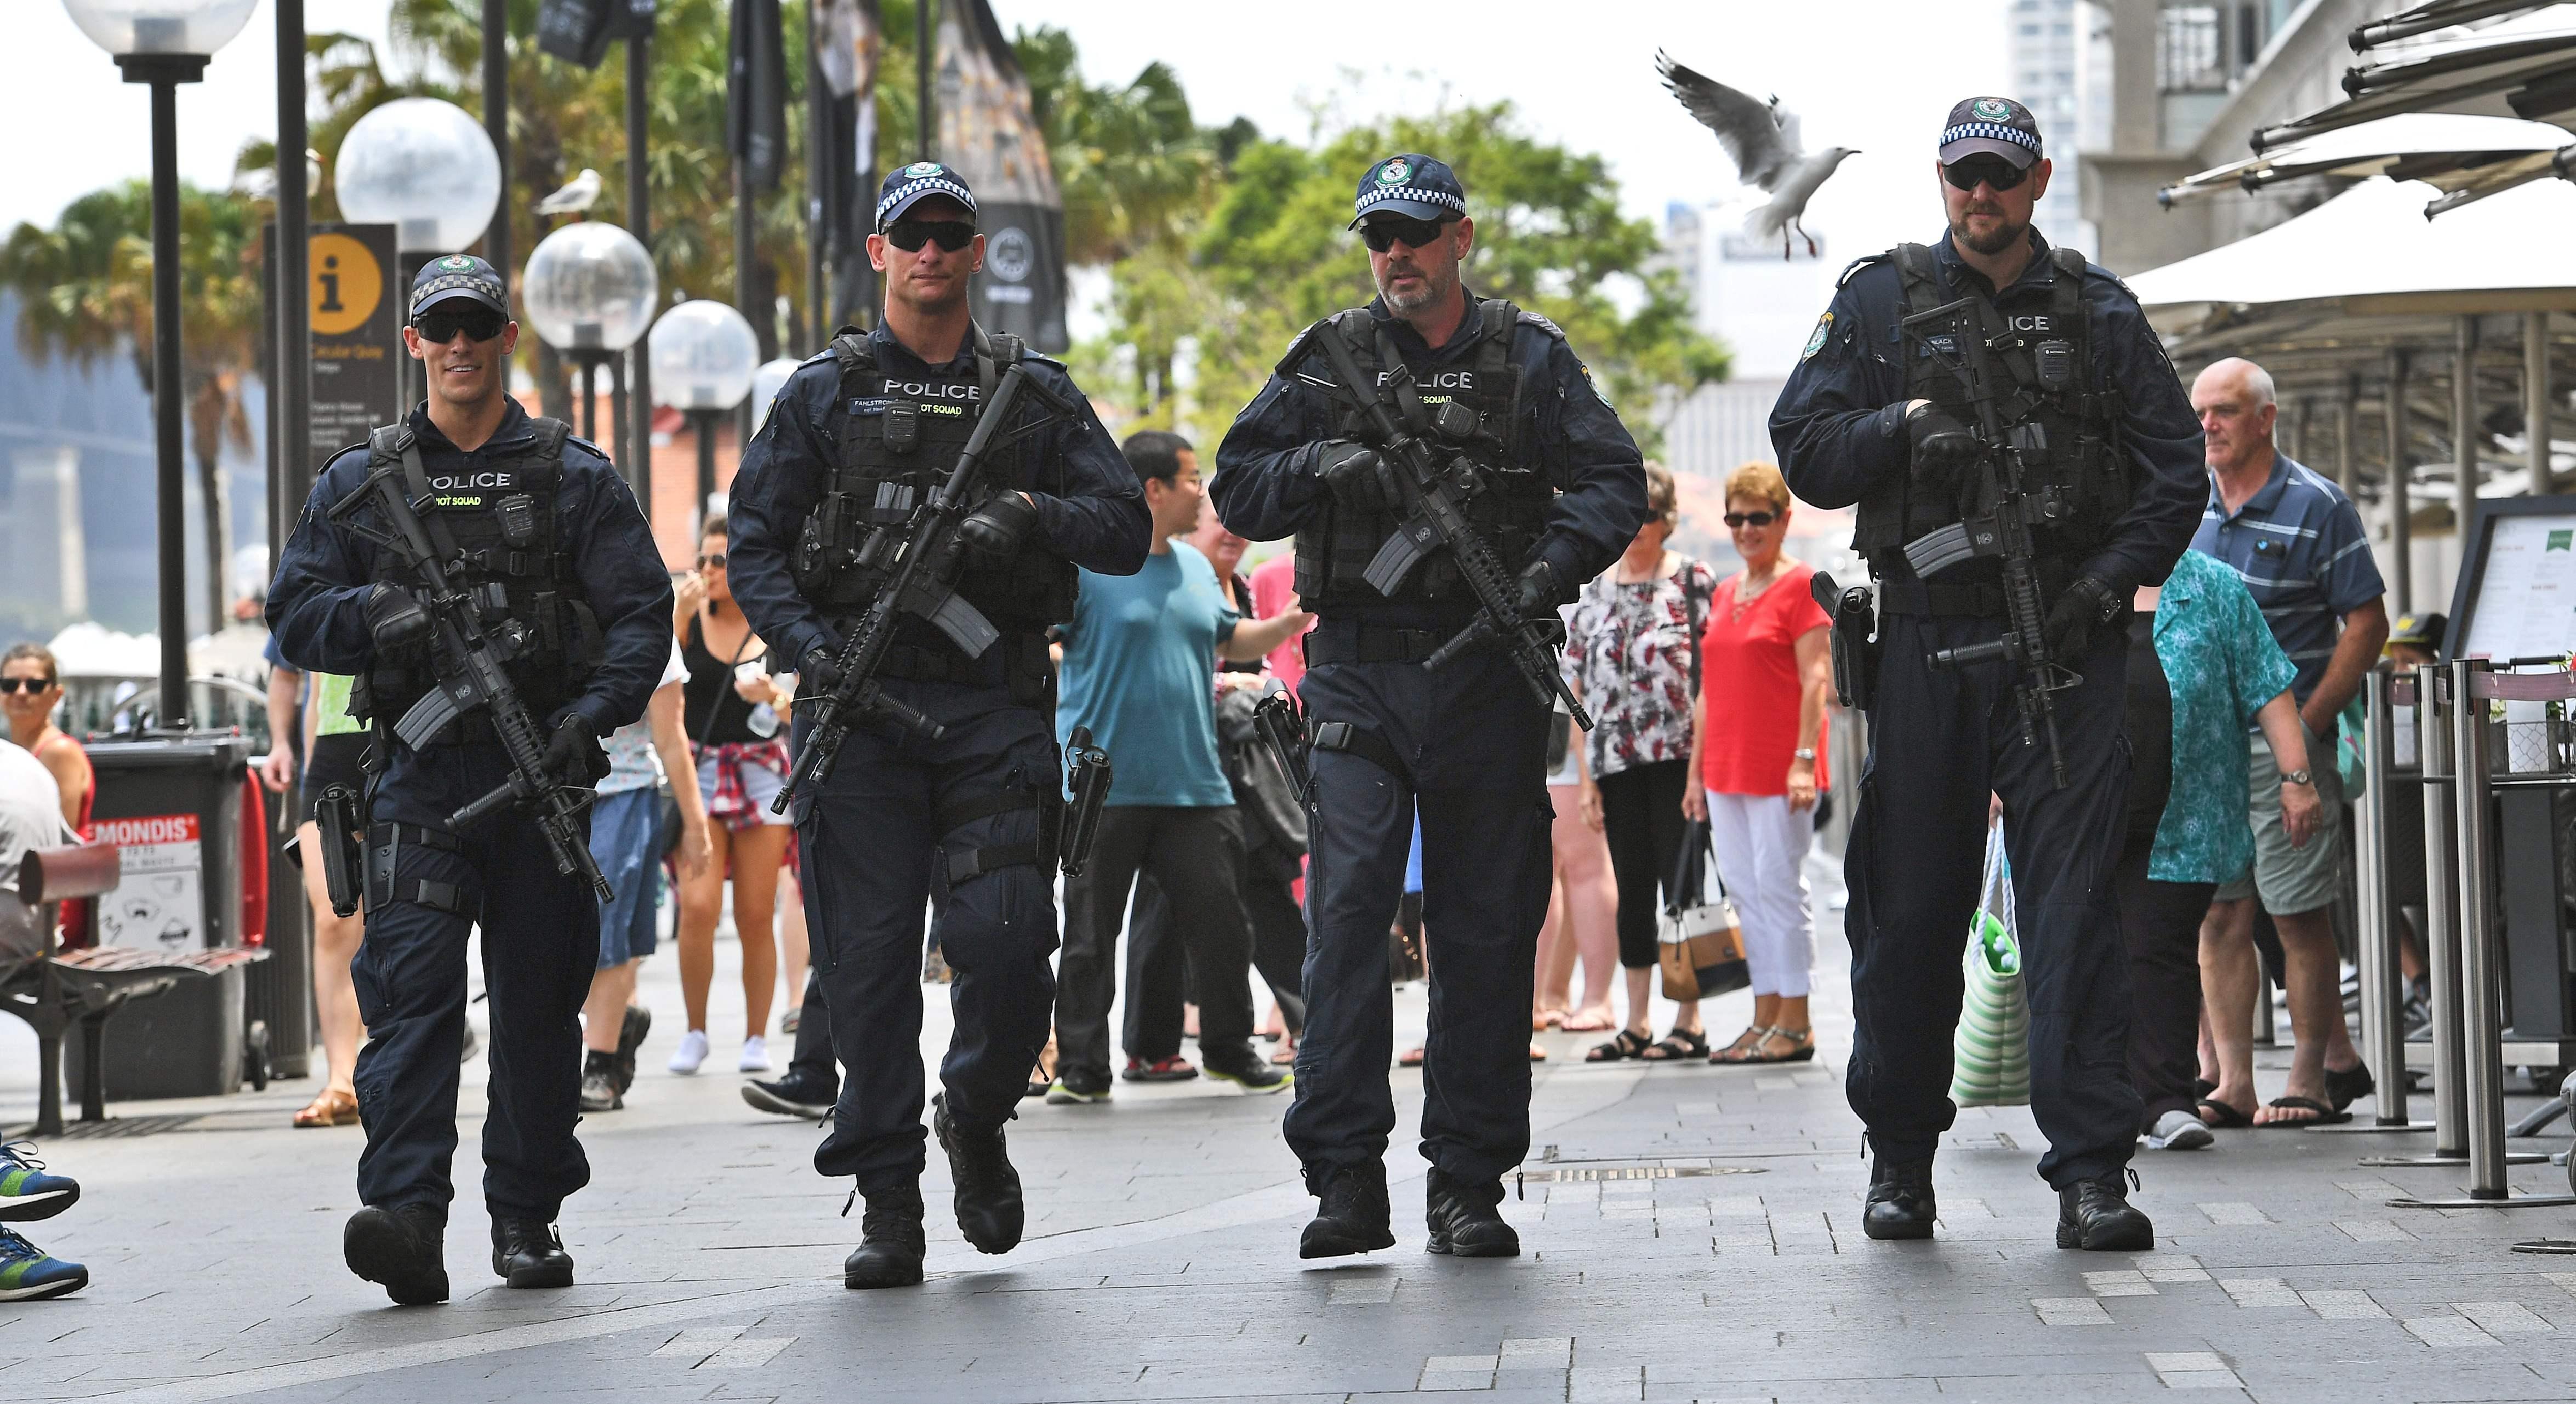 انتشار الشرطة في شوارع سيدنى